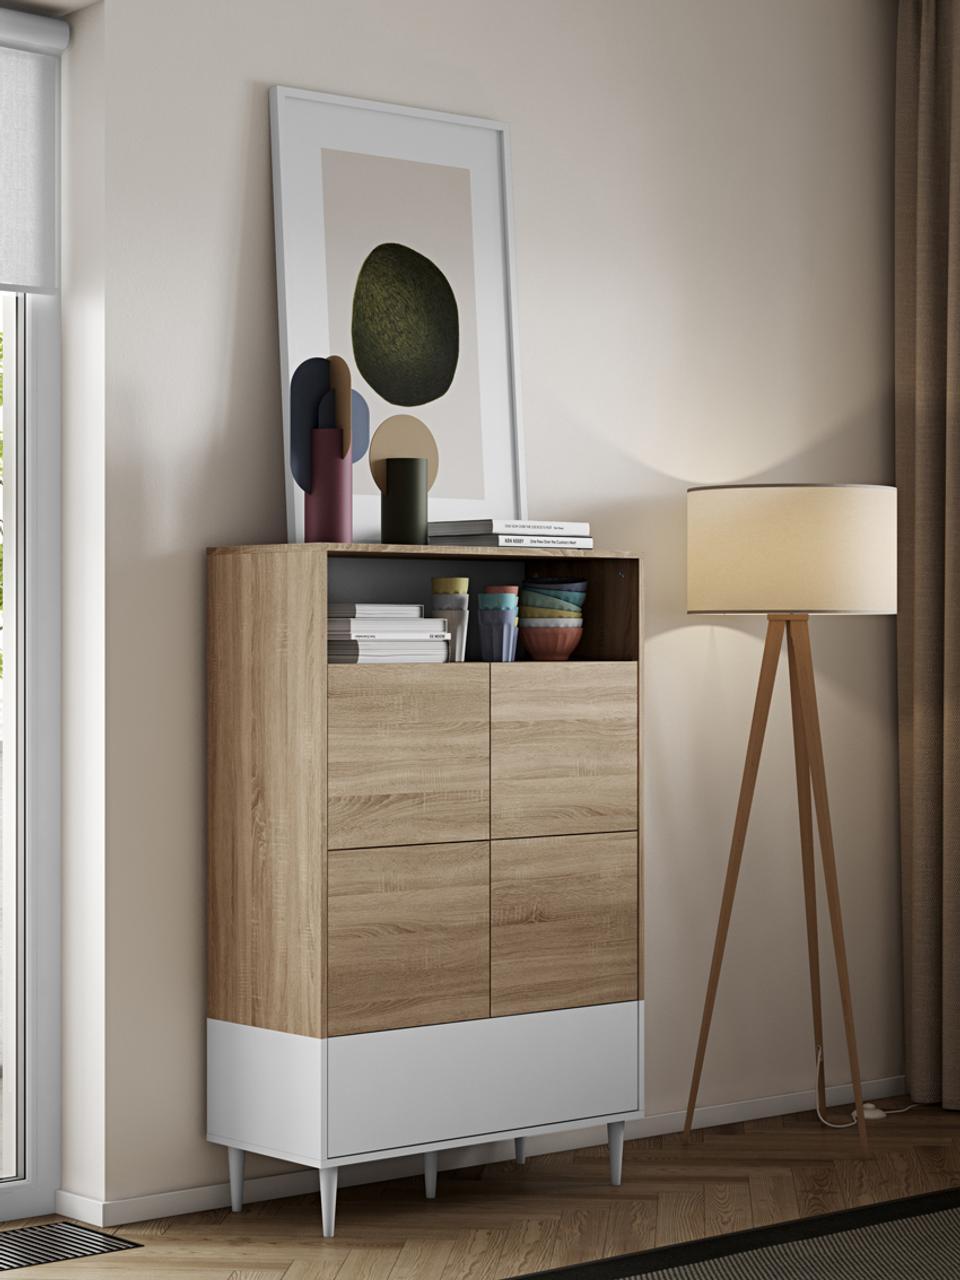 Wysoka komoda scandi z drzwiczkami Horizon, Korpus: płyta wiórowa pokryta mel, Nogi: lite drewno bukowe, lakie, Drewno dębowe, biały, S 90 x W 141 cm